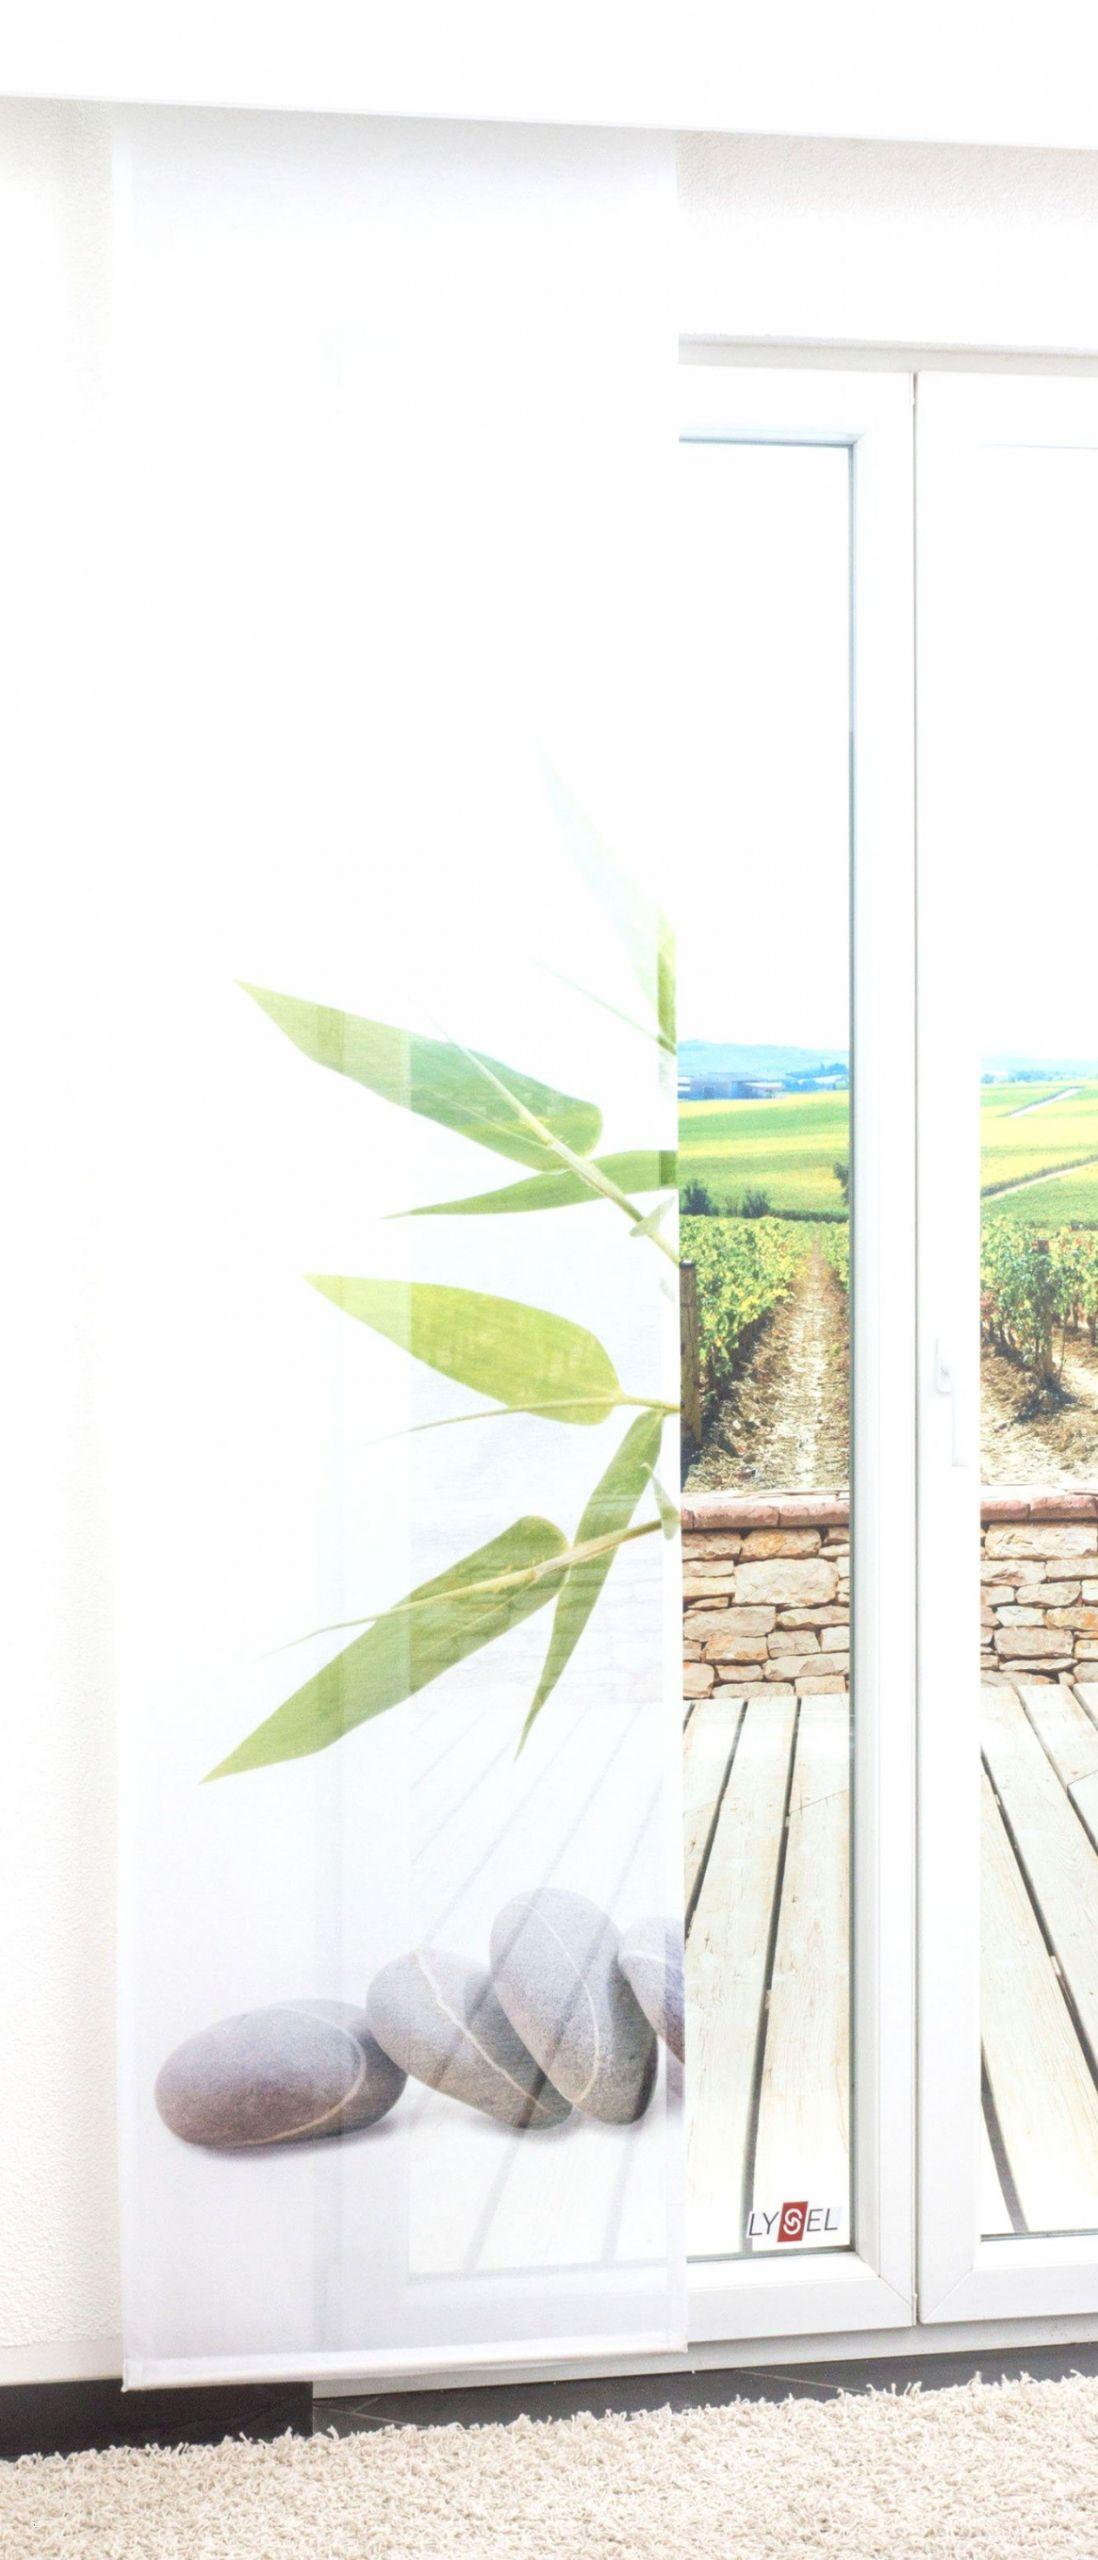 Bastelideen Garten Einzigartig Vasen Selber Machen — Temobardz Home Blog